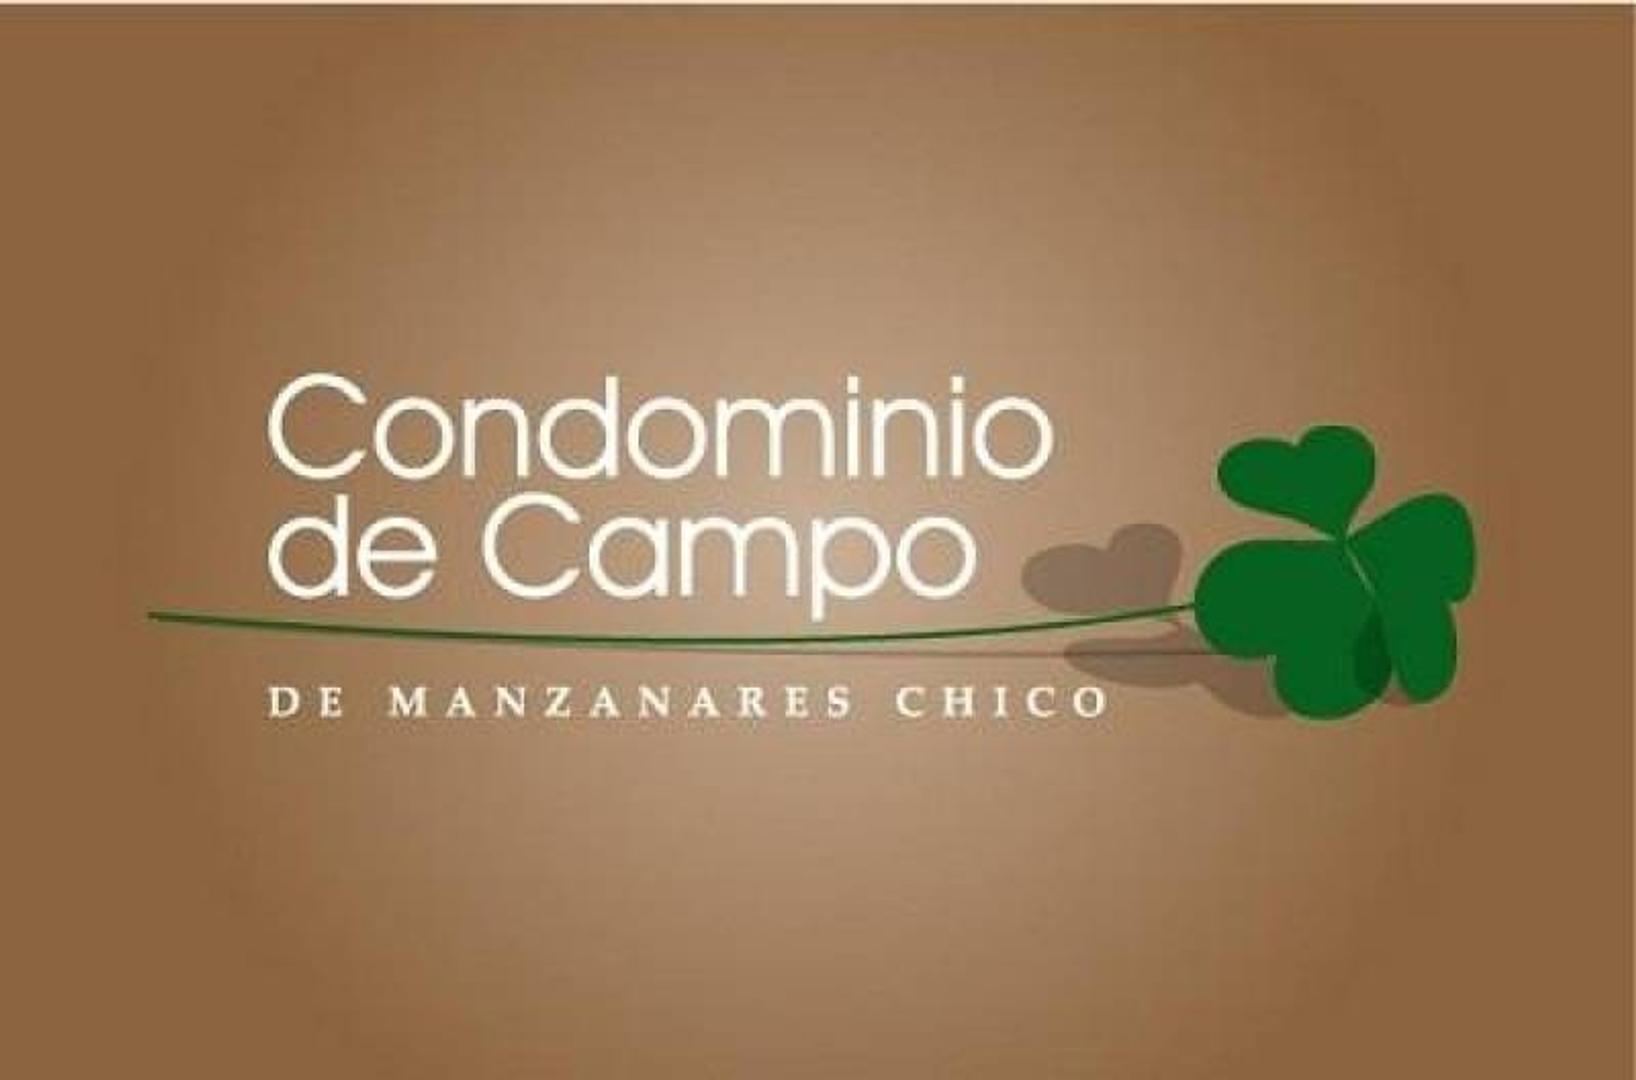 VENTA DE CONDOMINIO DE CAMPO EN MANZANARES CHICO - PILAR